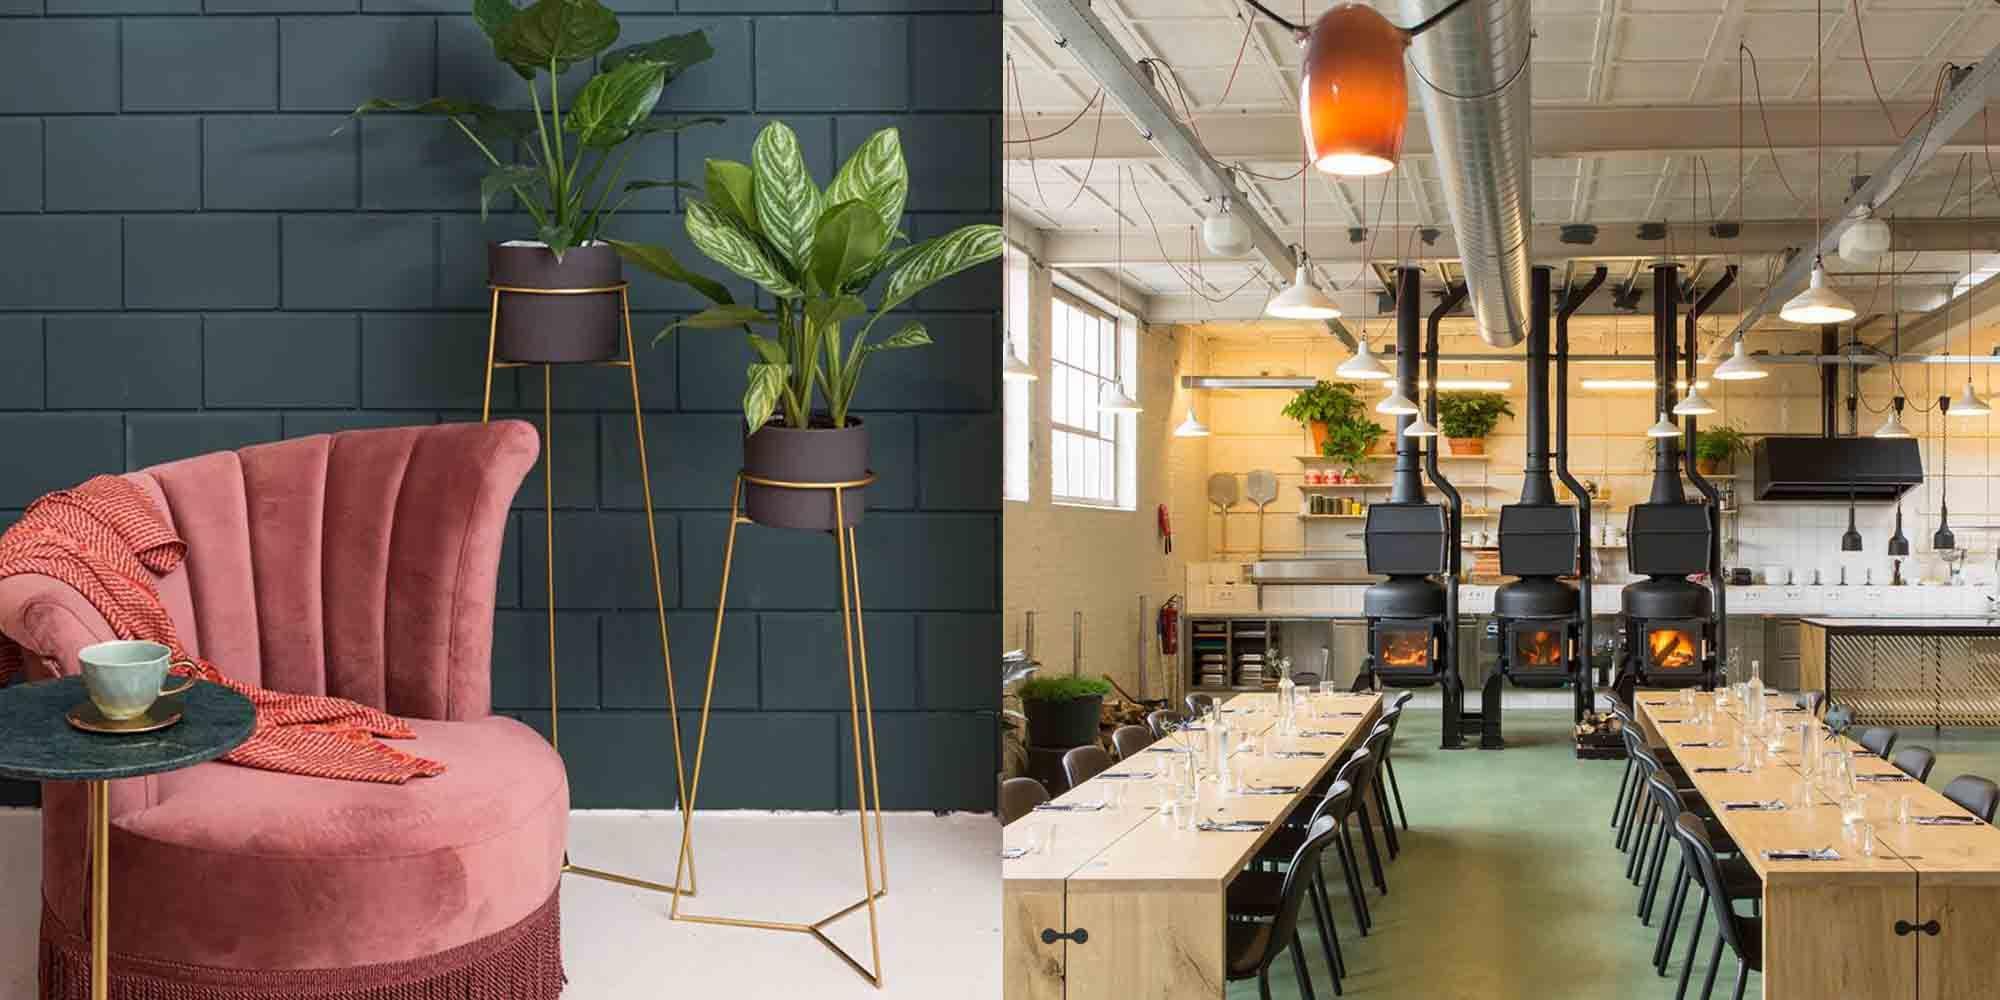 De leukste interieur- en designhotspots van Amersfoort